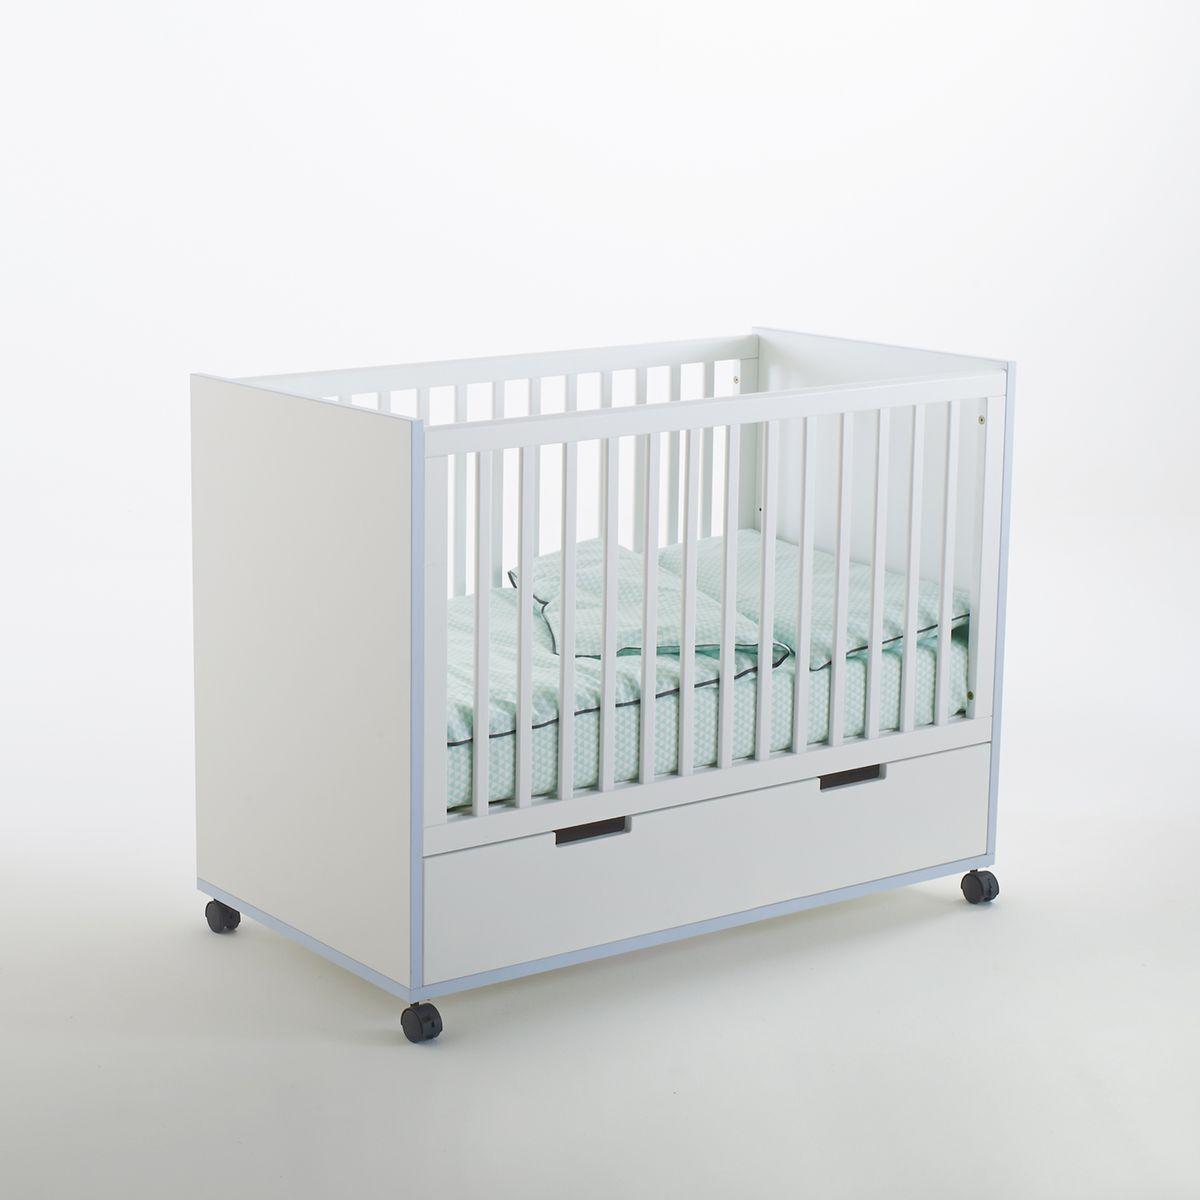 La Redoute Lit bébé avec tiroir et roulettes, Lisalou - LA REDOUTE INTERIEURS